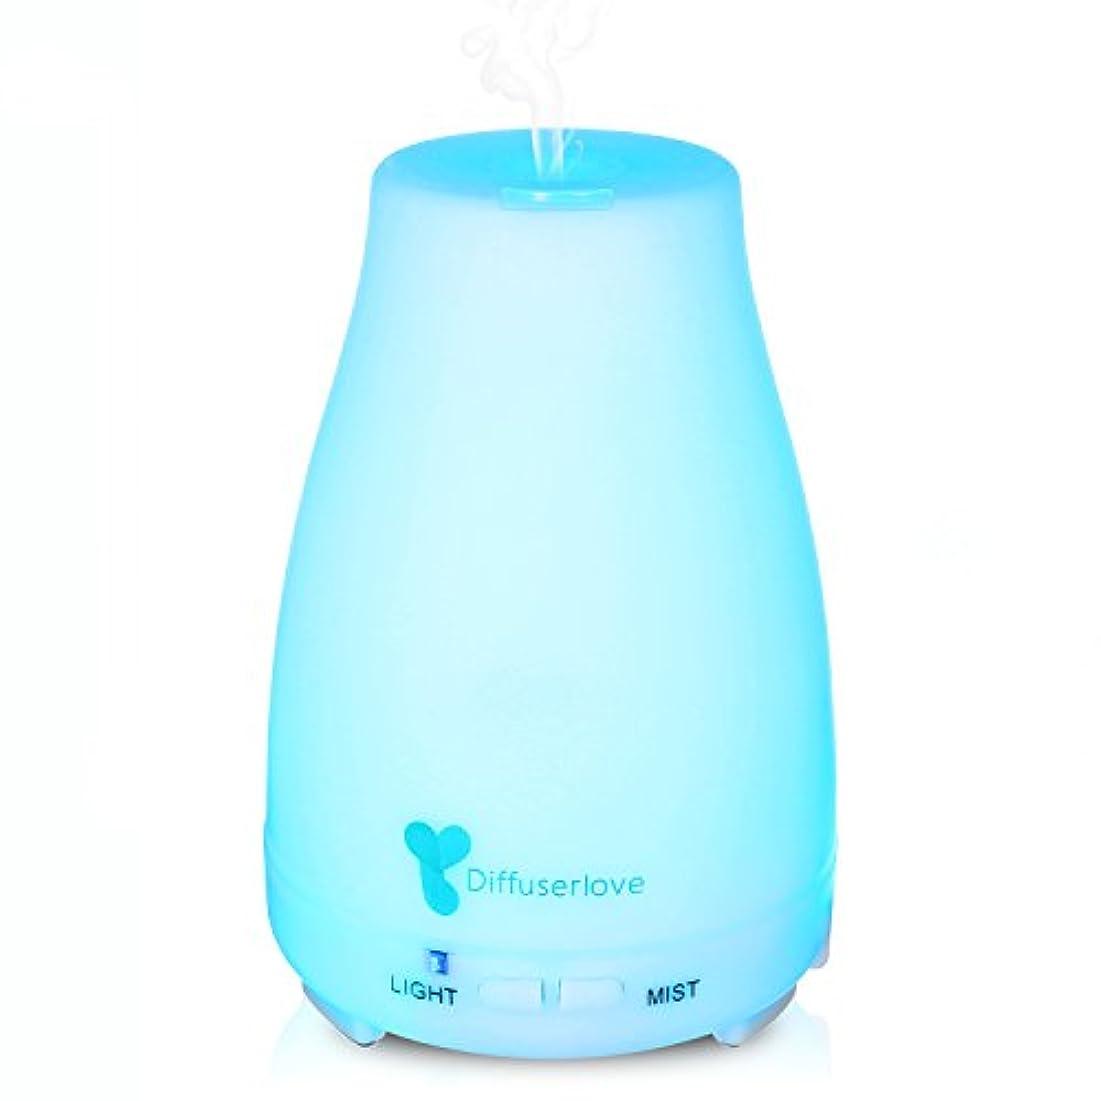 部屋を掃除する製油所臭いdiffuserlove Max 220 mlエッセンシャルオイルアロマセラピーディフューザー超音波リモートコントロールミスト加湿器7色LEDライト、Waterless自動遮断の寝室オフィス家キッチンヨガ